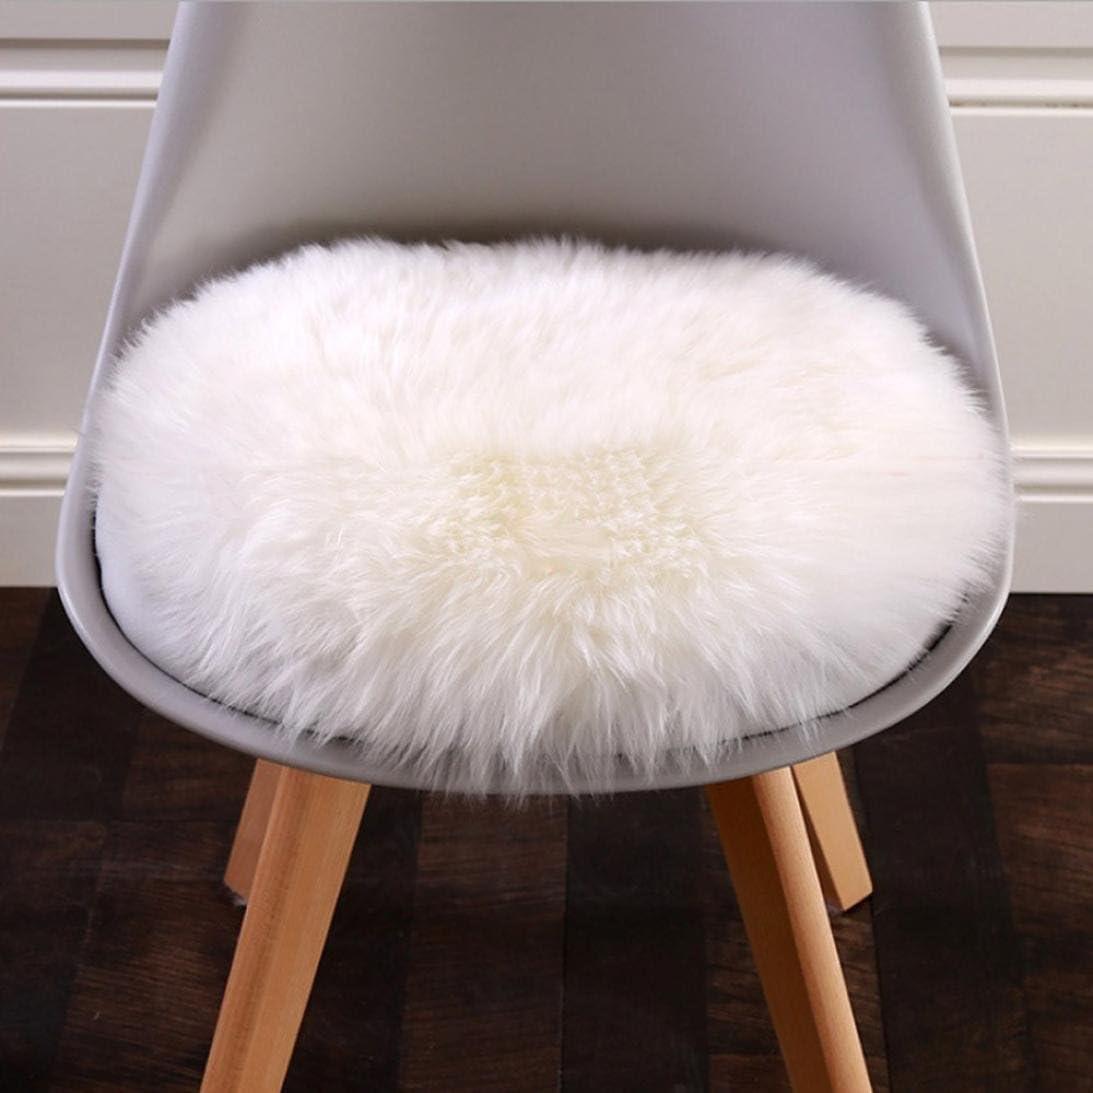 Mamum Tapis en Fausse fourrure Tapis, Housse de chaise en peau de mouton synthétique BlancGris , Gray Ⓑ, 30*30CM